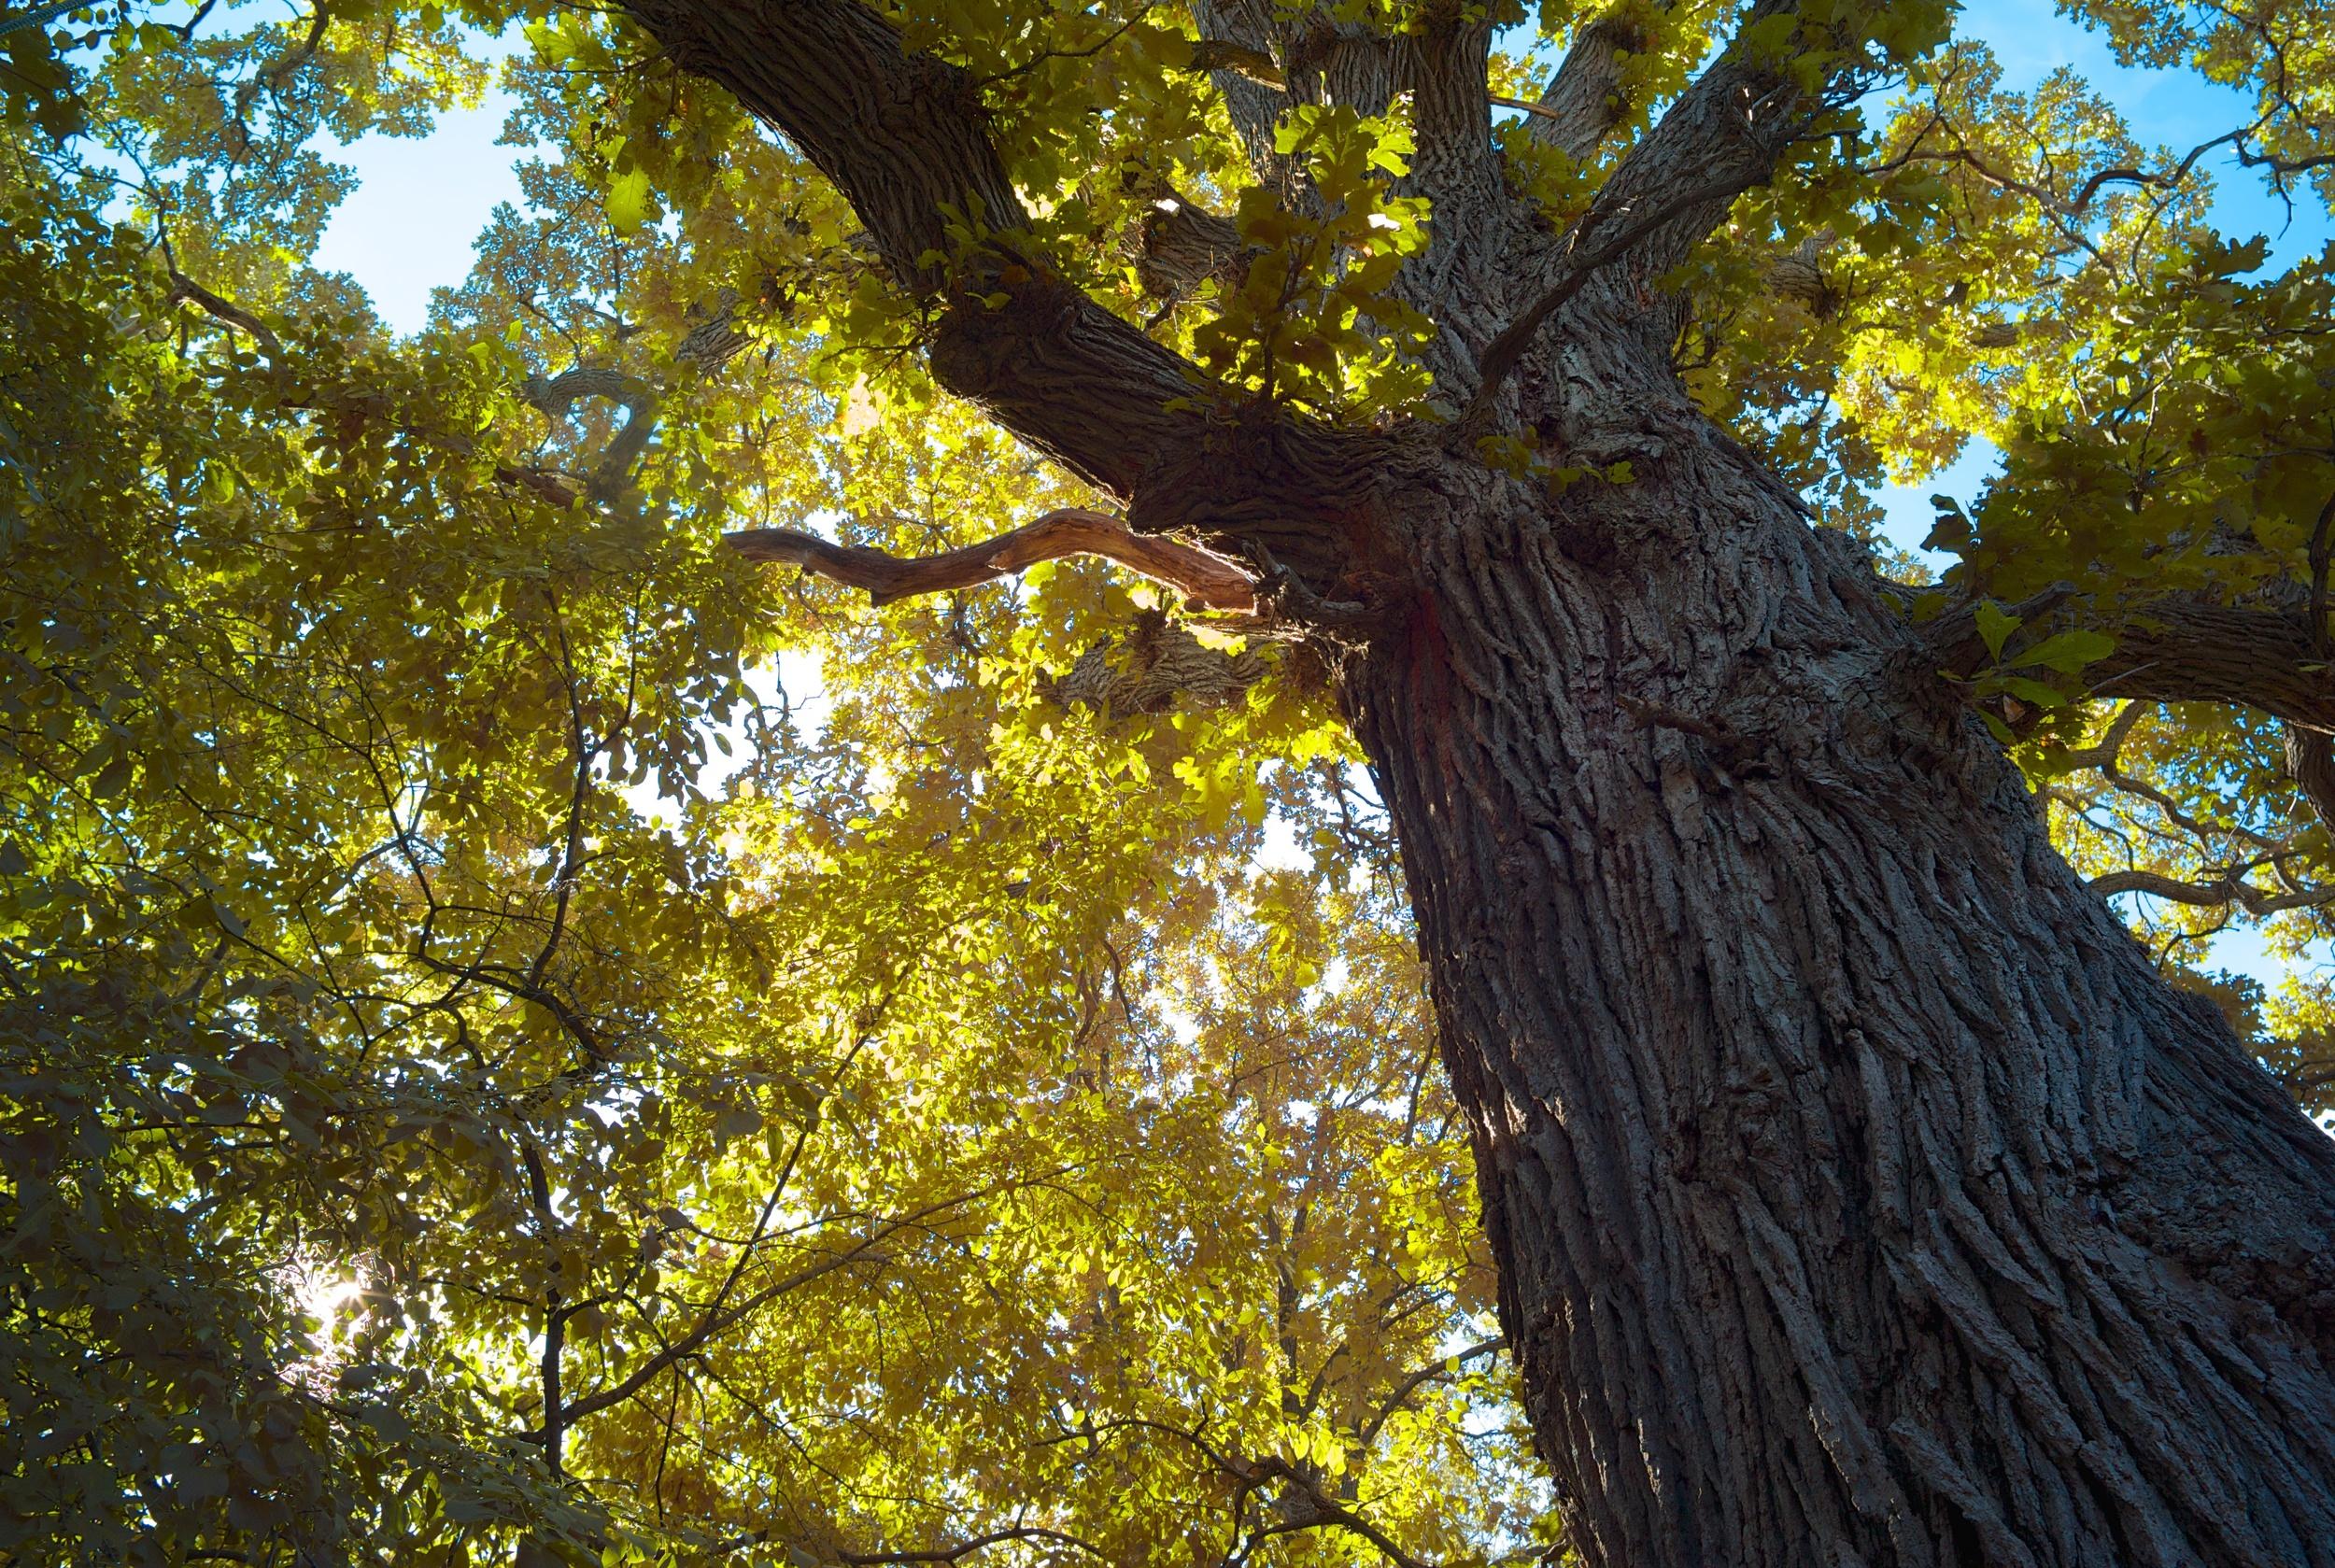 Mature bur oak tree.